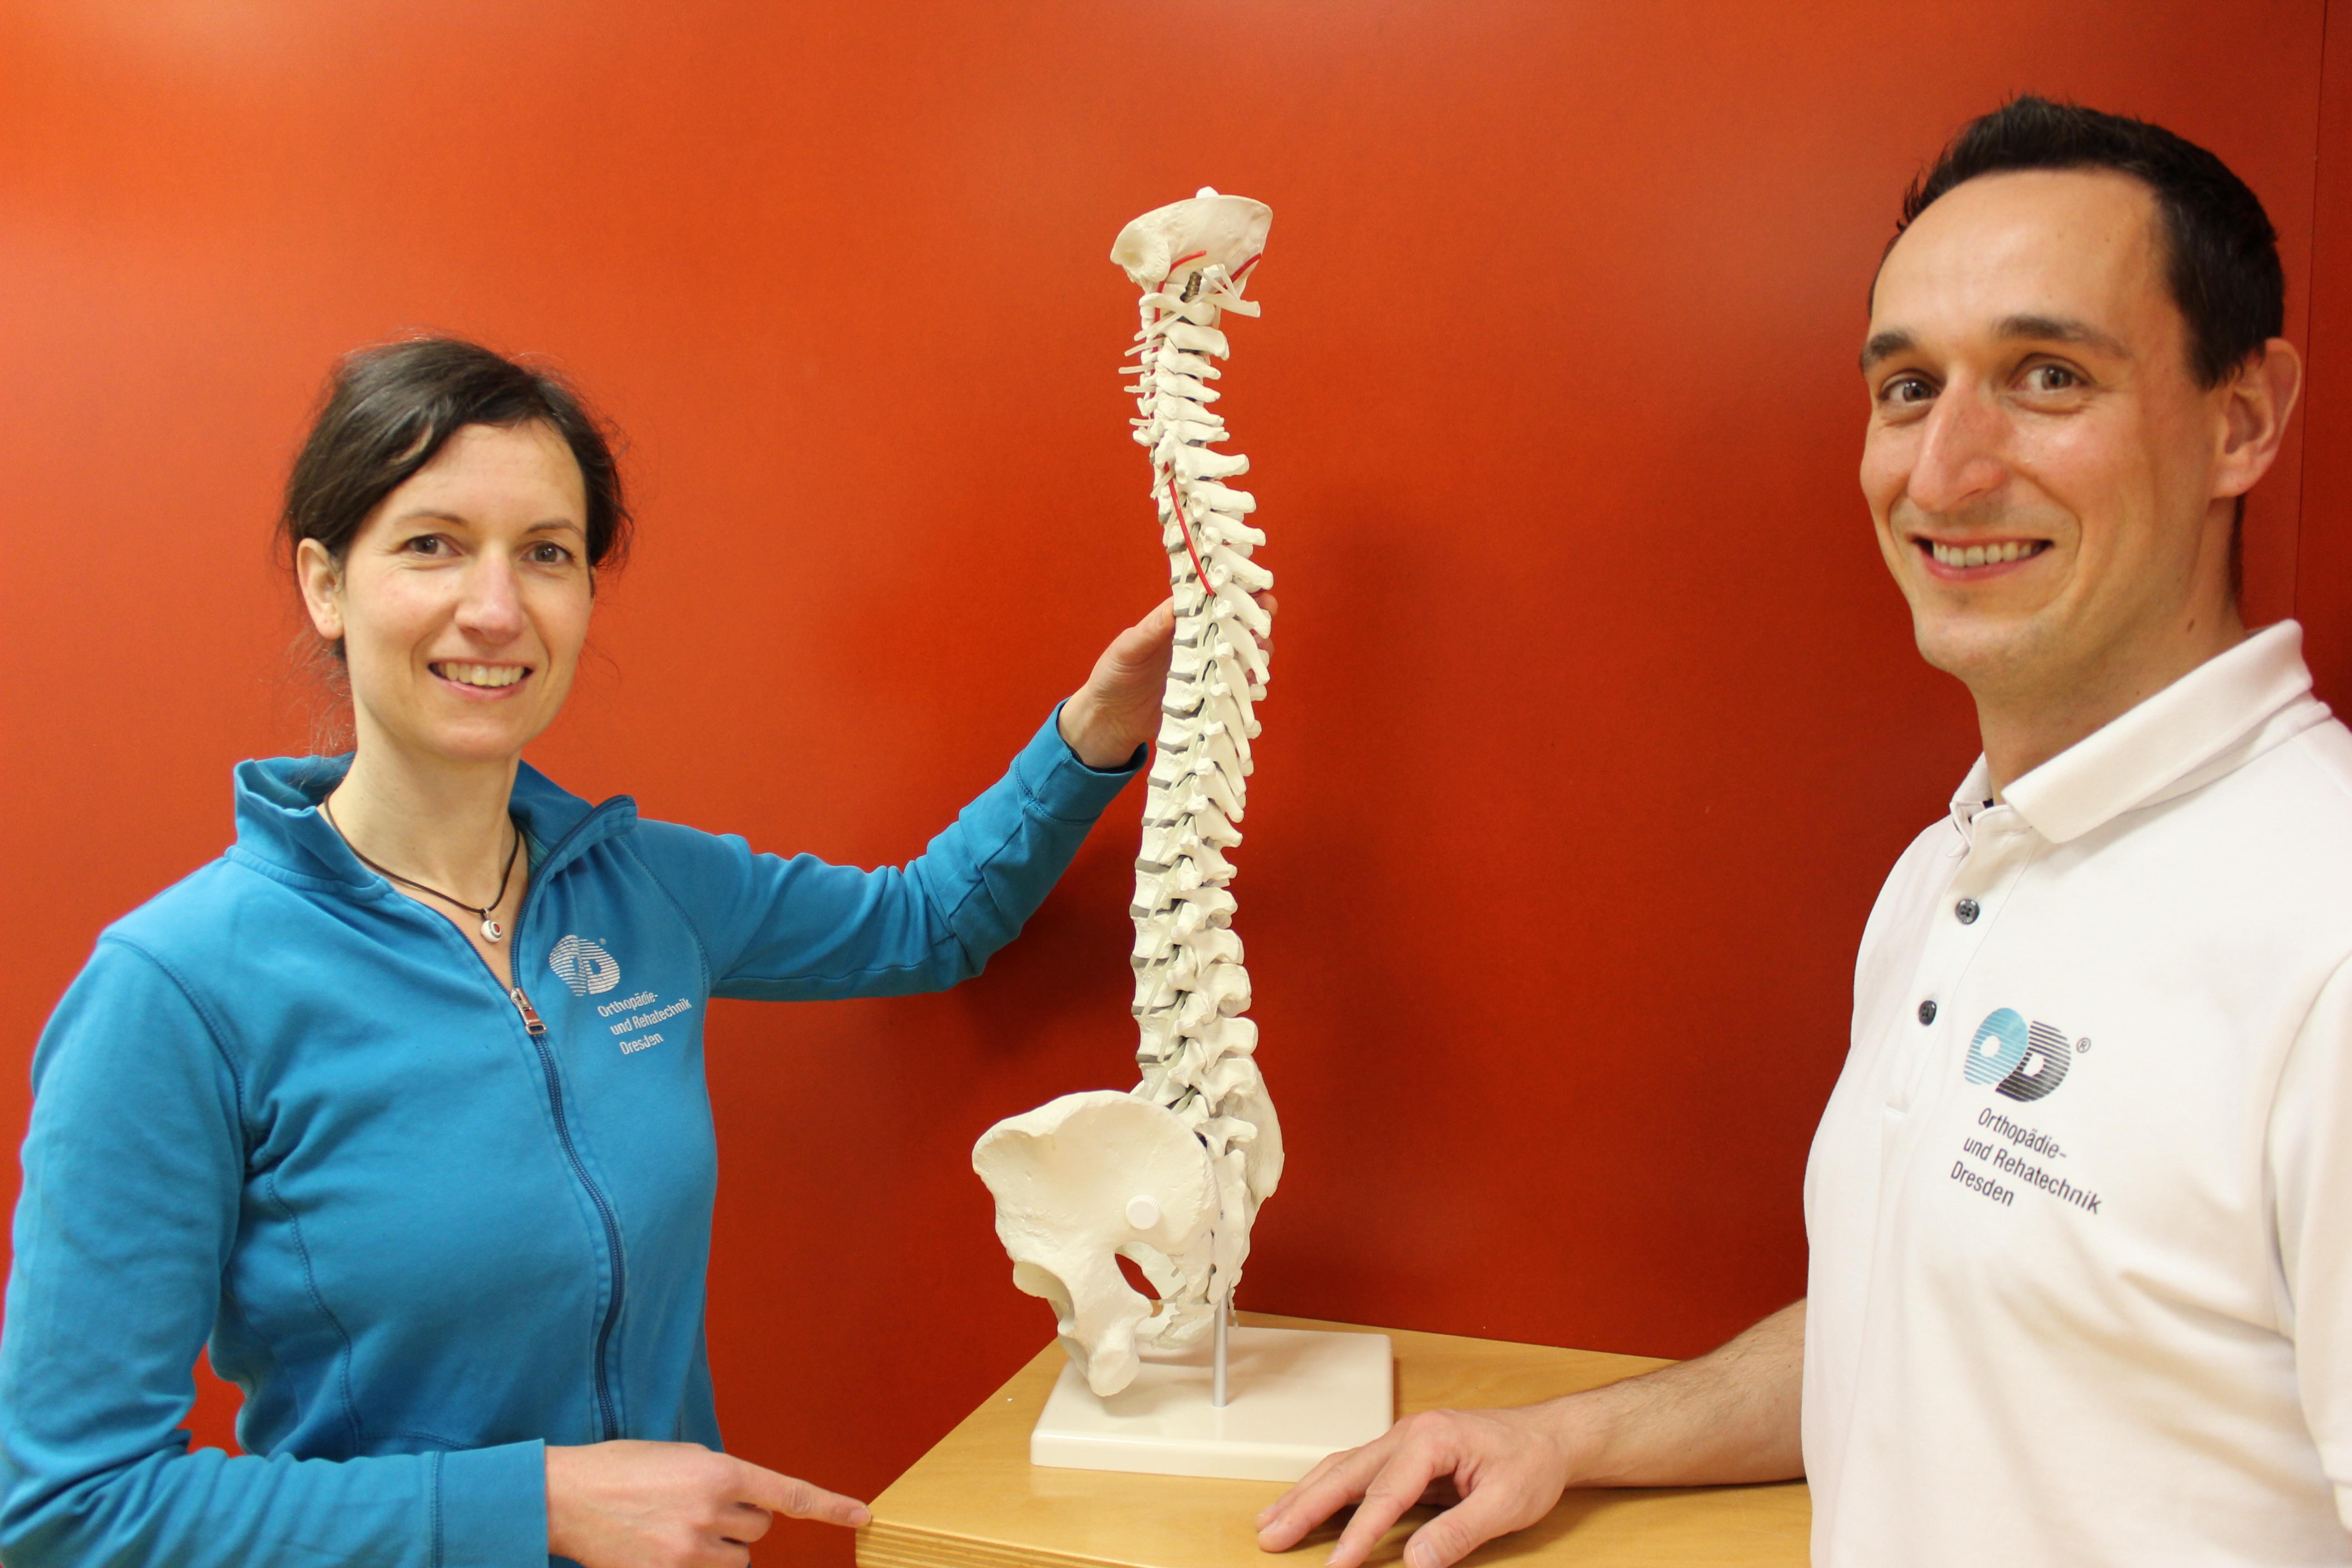 Die Physiotherapeuten Claudia Buro und Matthias Schwiteilo führen die Analyse durch